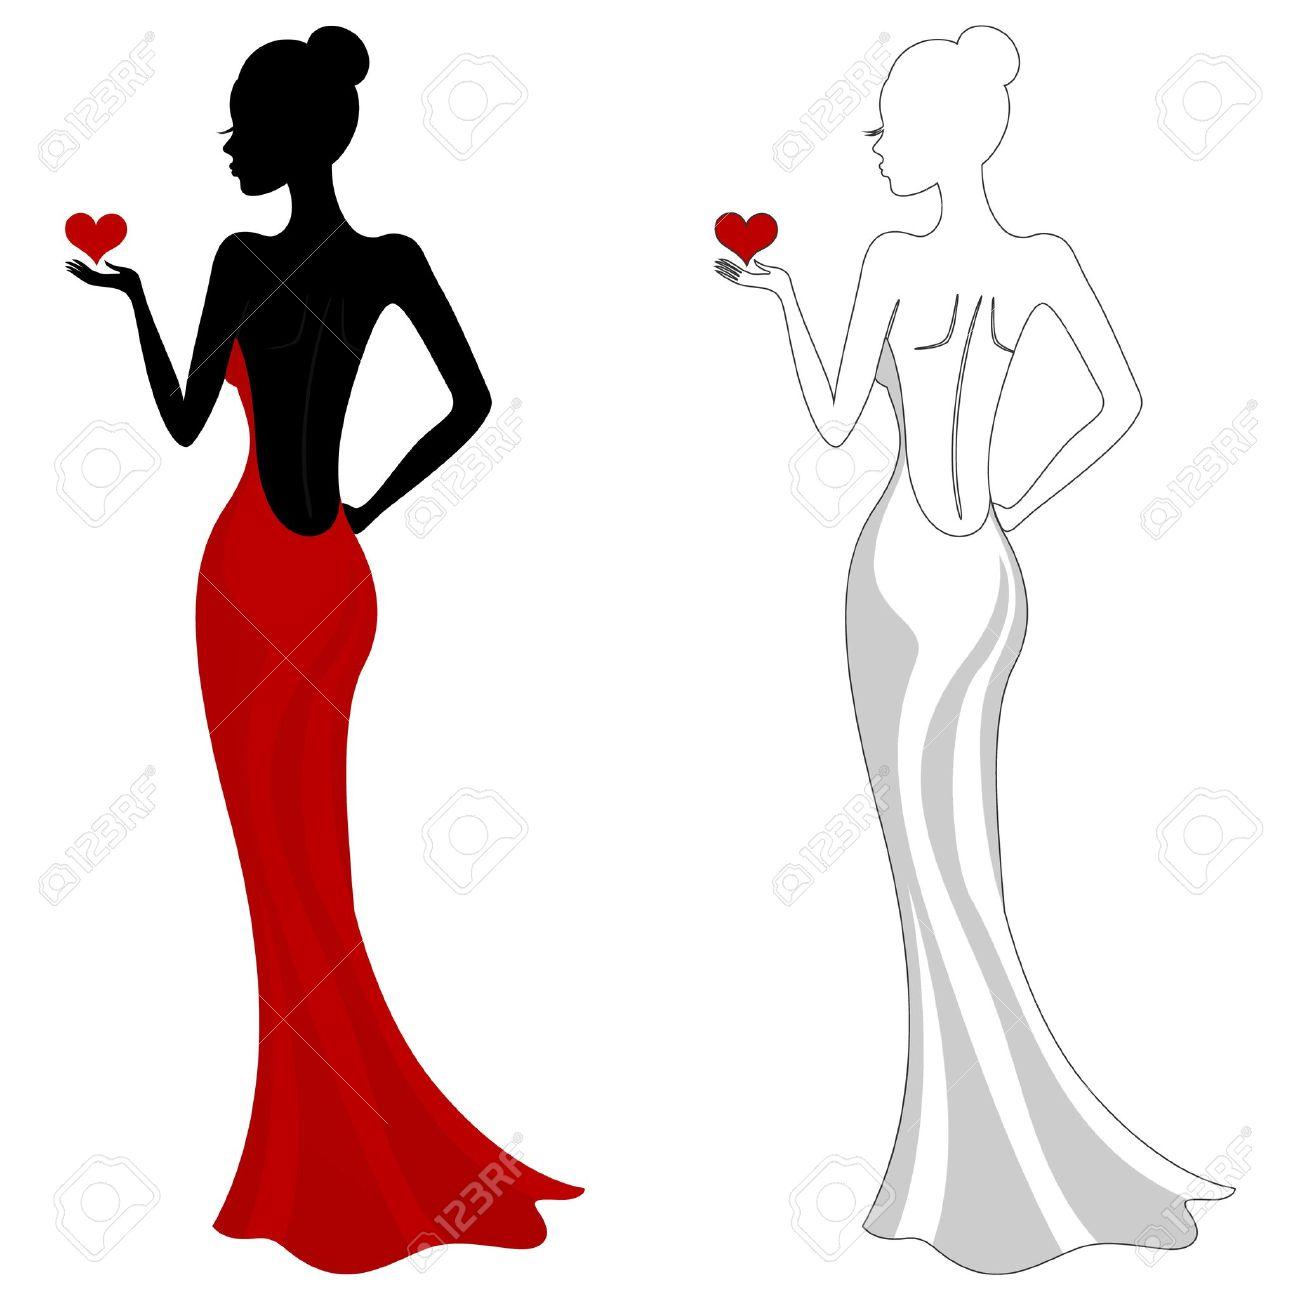 elegant dresses clipart - Clipground Силуэт Женщины В Платье Вектор